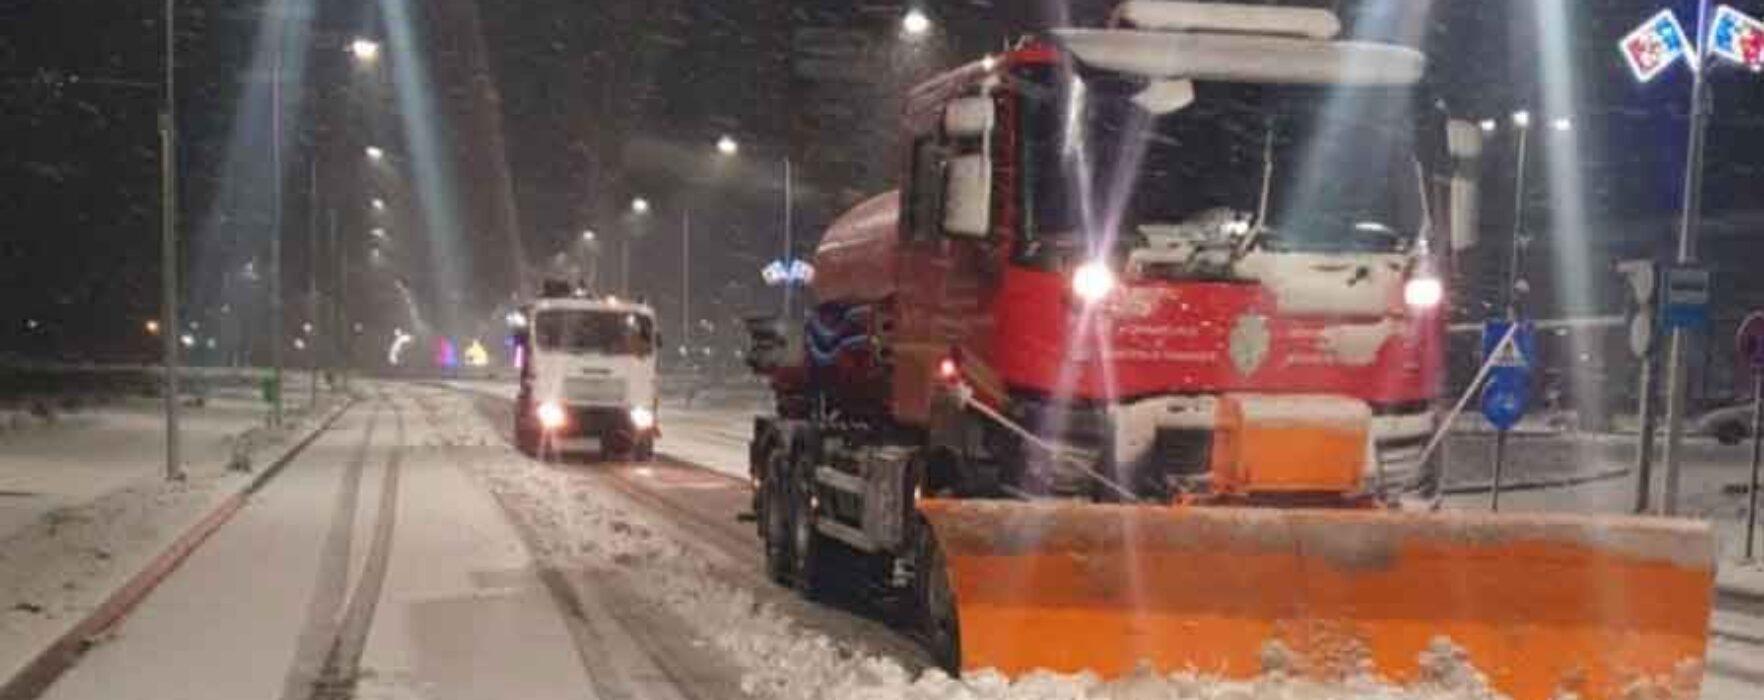 Primar Târgovişte: Utilajele scoase pe străzi la deszăpezire, nu sunt probleme